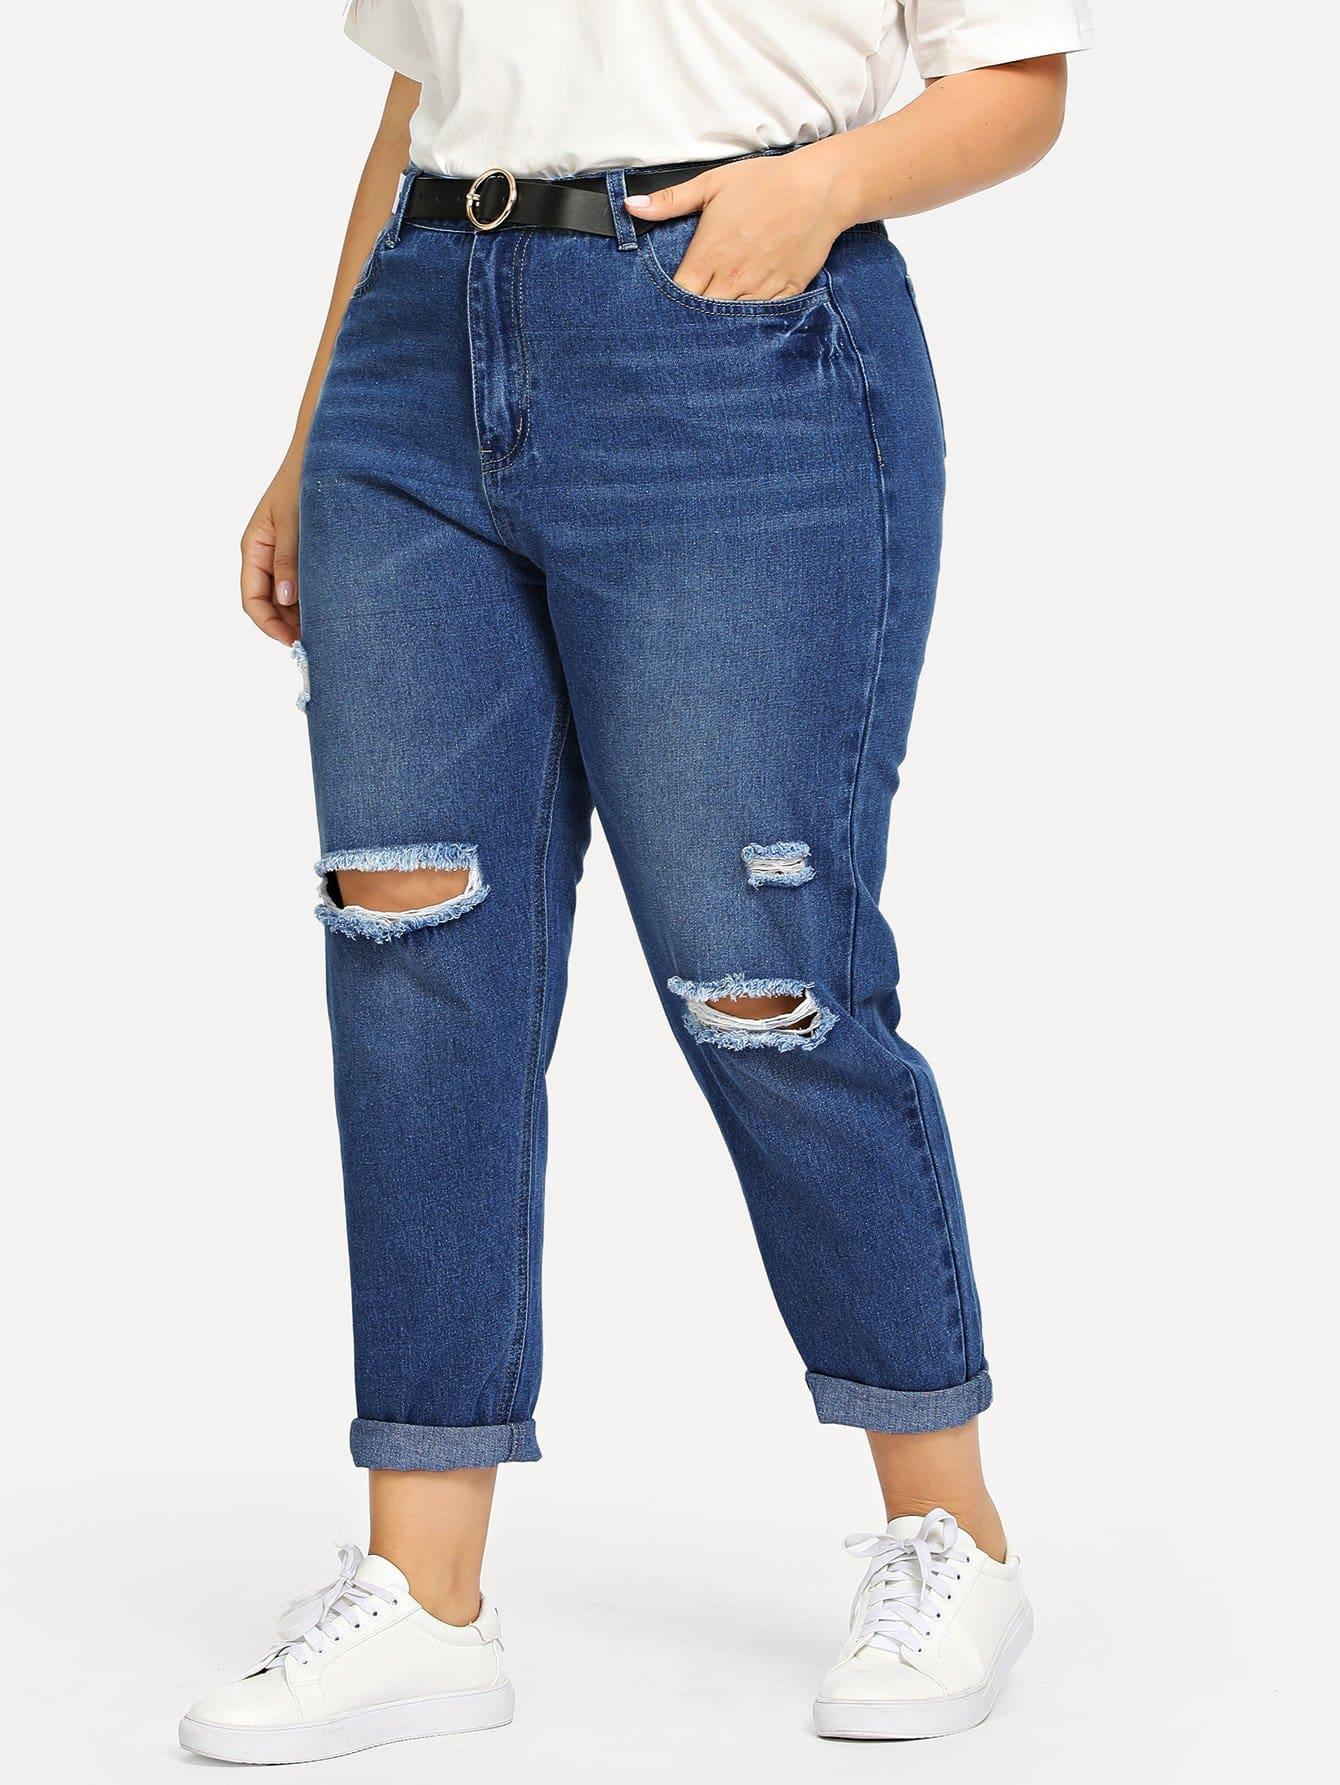 Купить Размера плюс рваные джинсы с необработанным краем, Franziska, SheIn